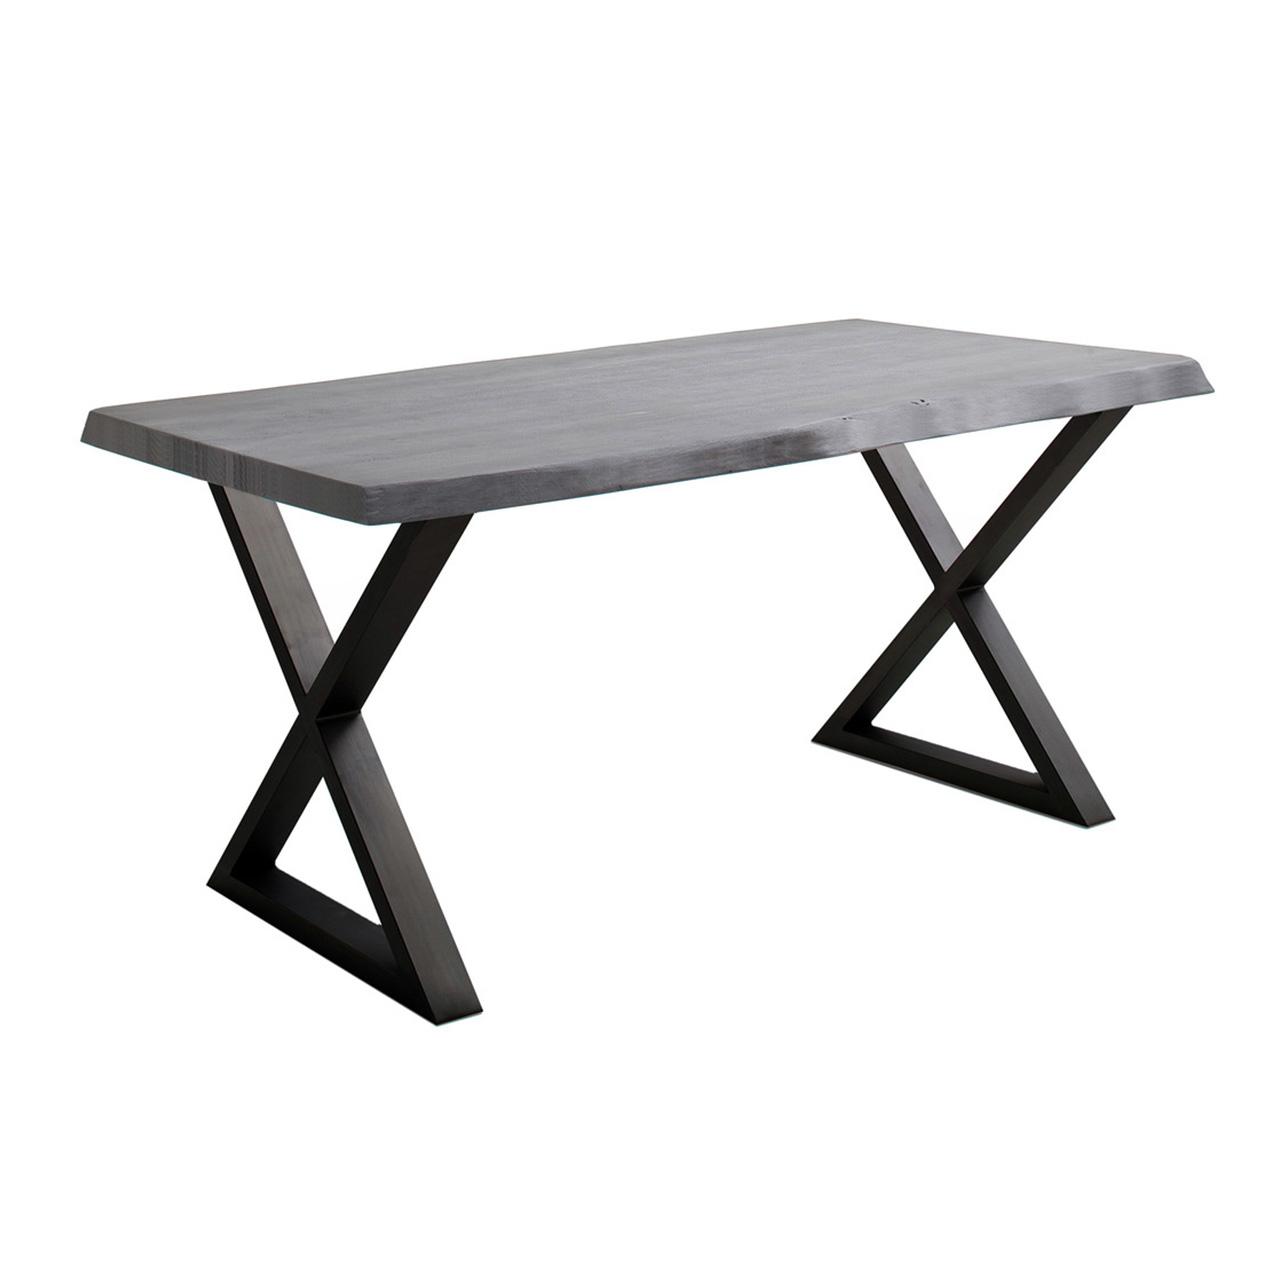 Tisch La Palma grau